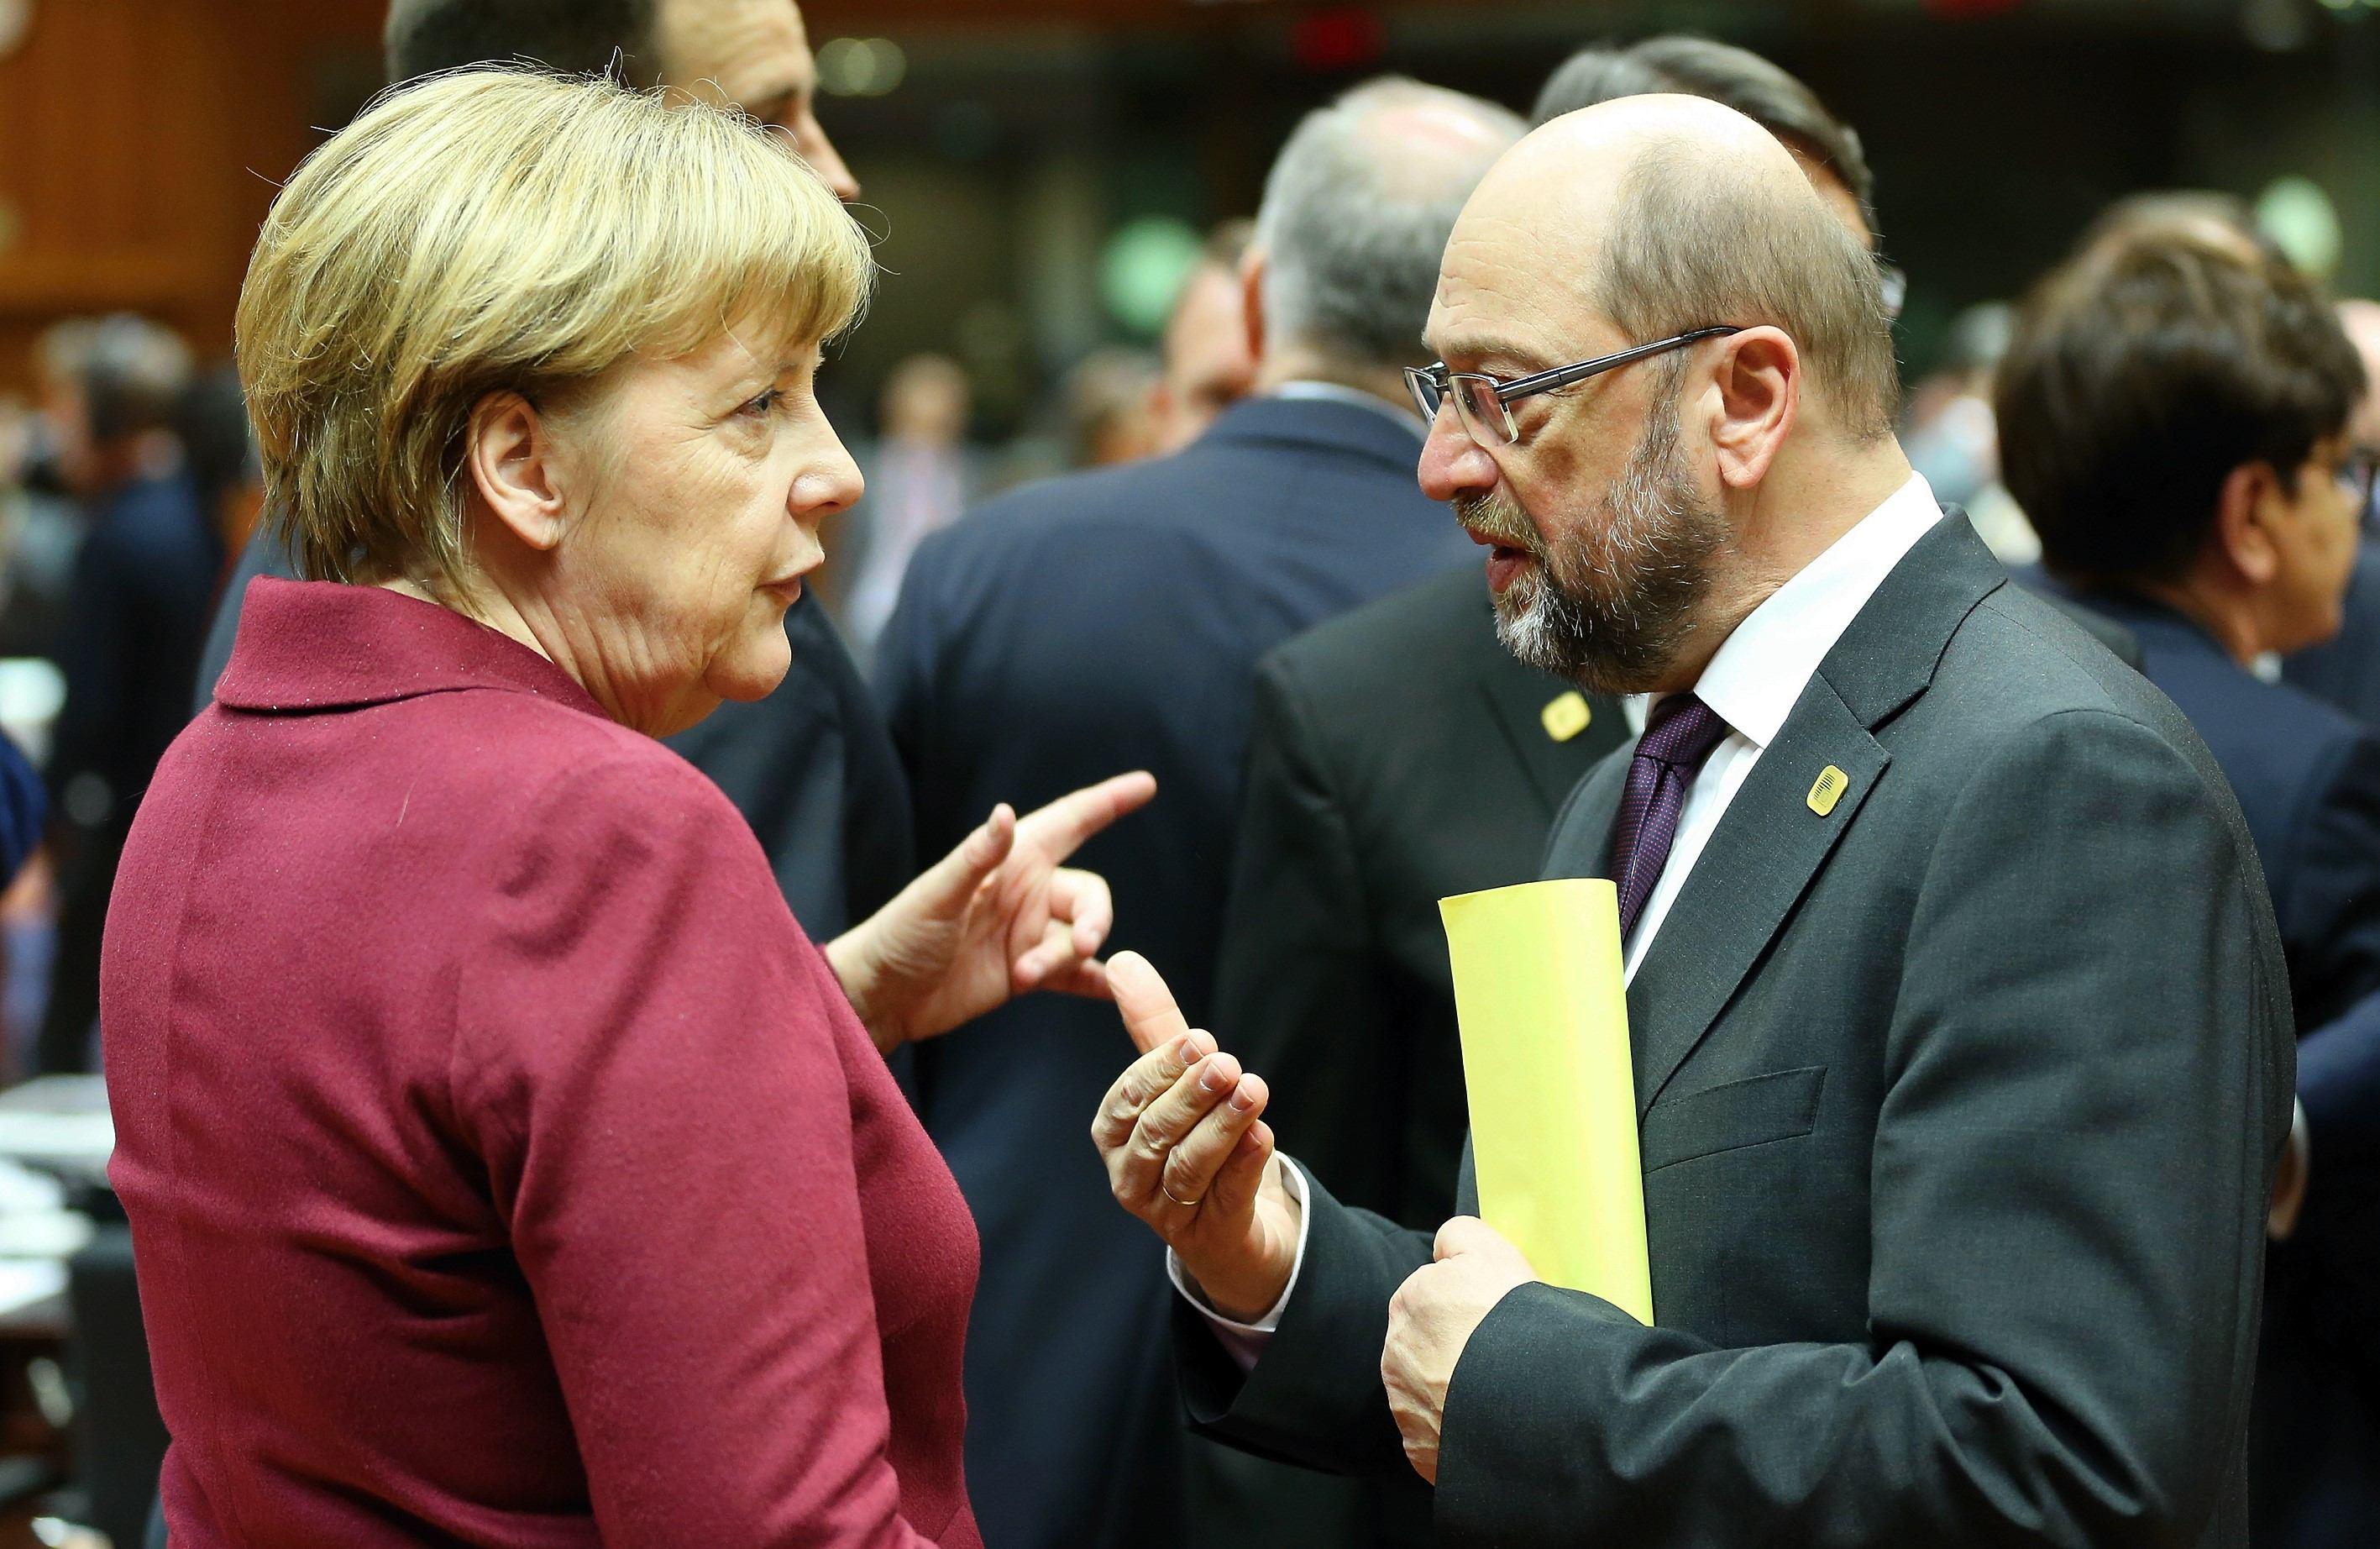 Criză politică. Partidul Social-Democrat din Germania, scindat de propunerea de a intra la guvernare cu partidul lui Merkel